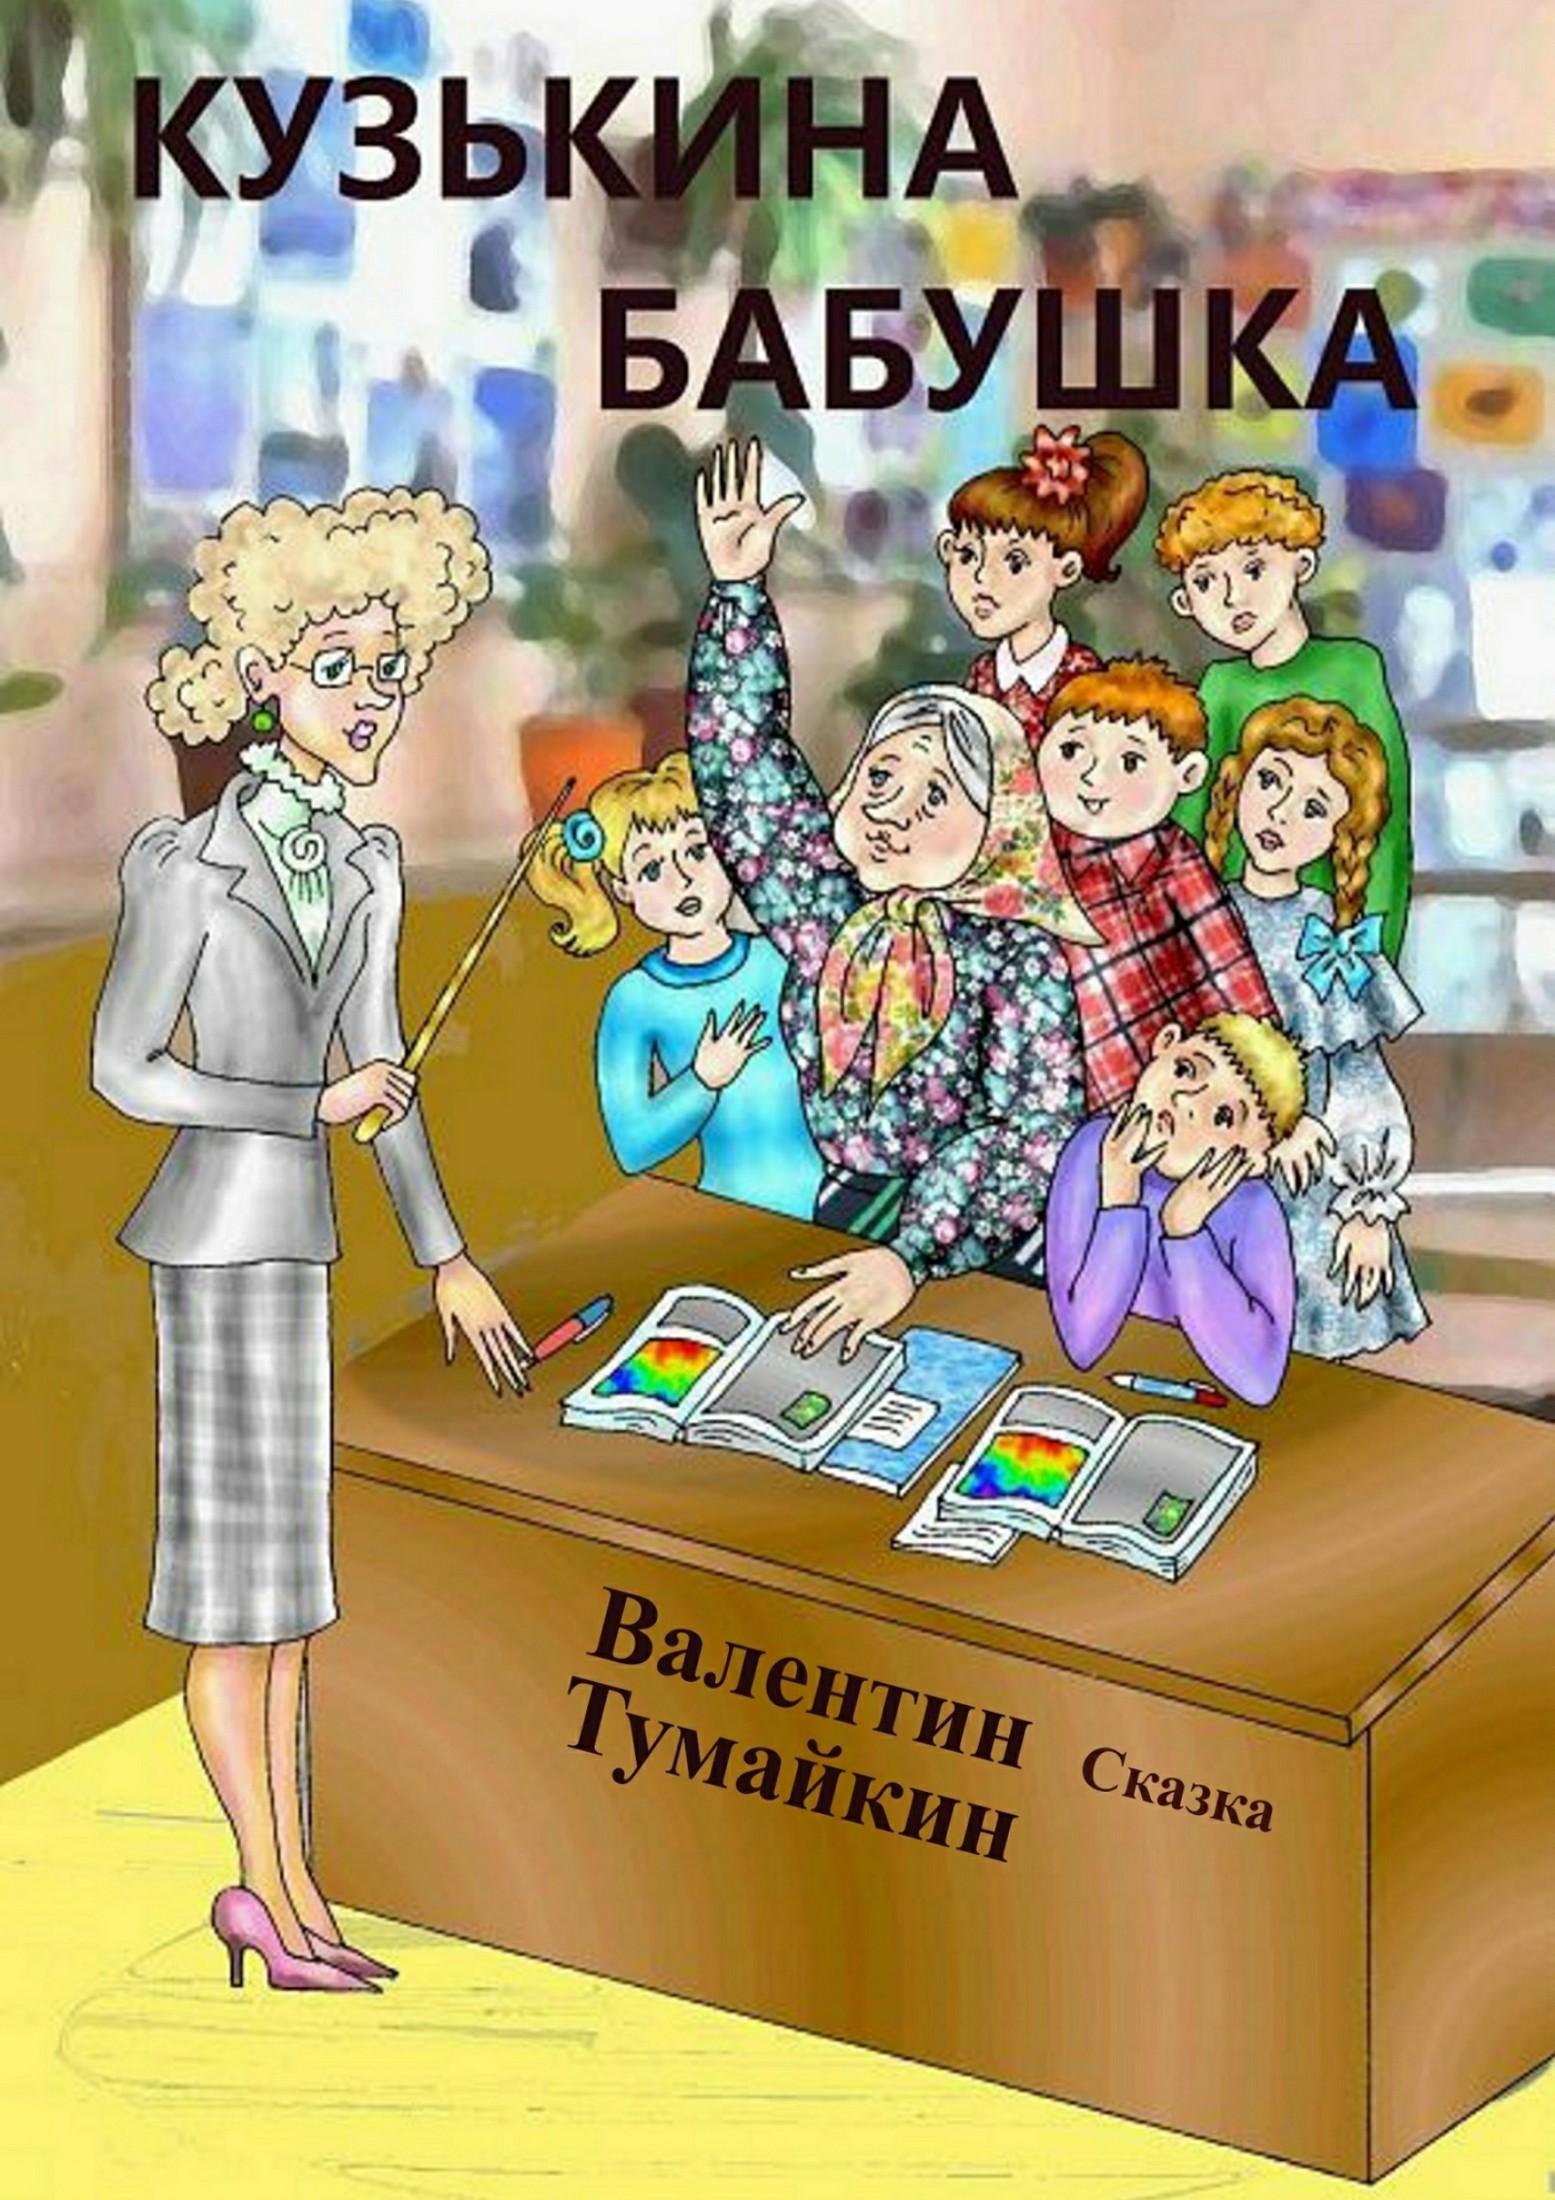 Валентин Тумайкин Кузькина бабушка